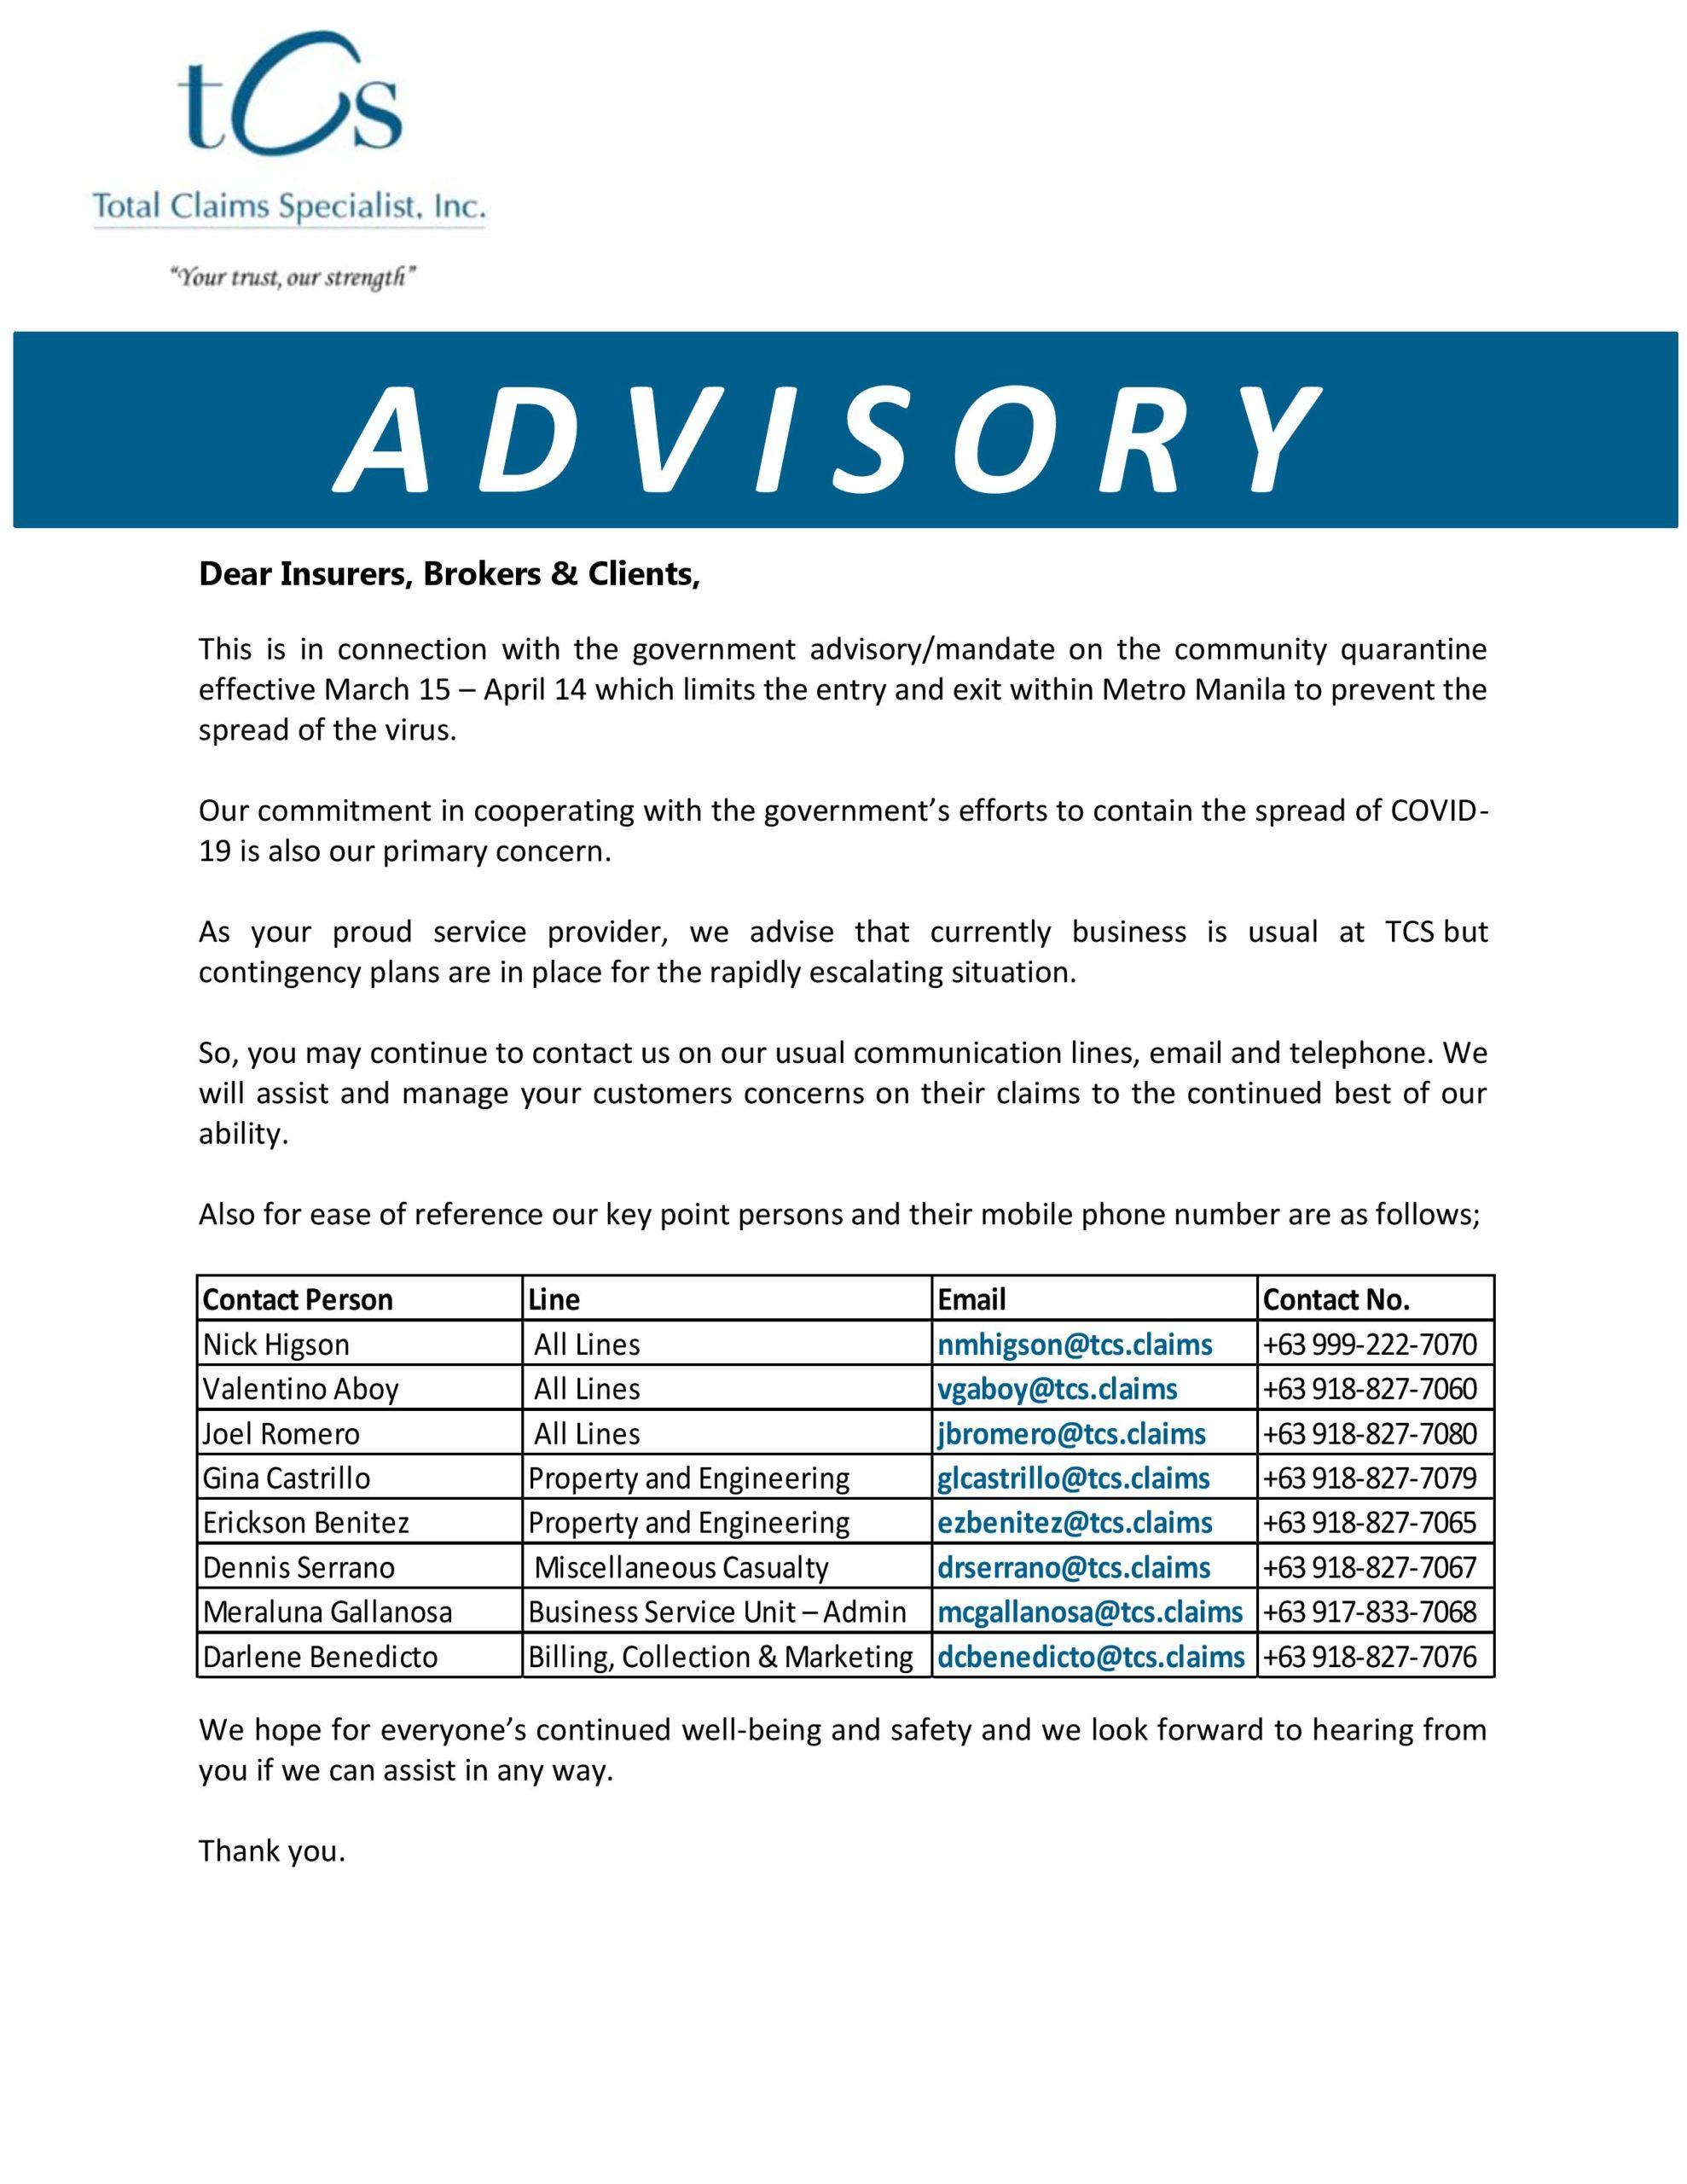 TCS COVID-19 Advisory